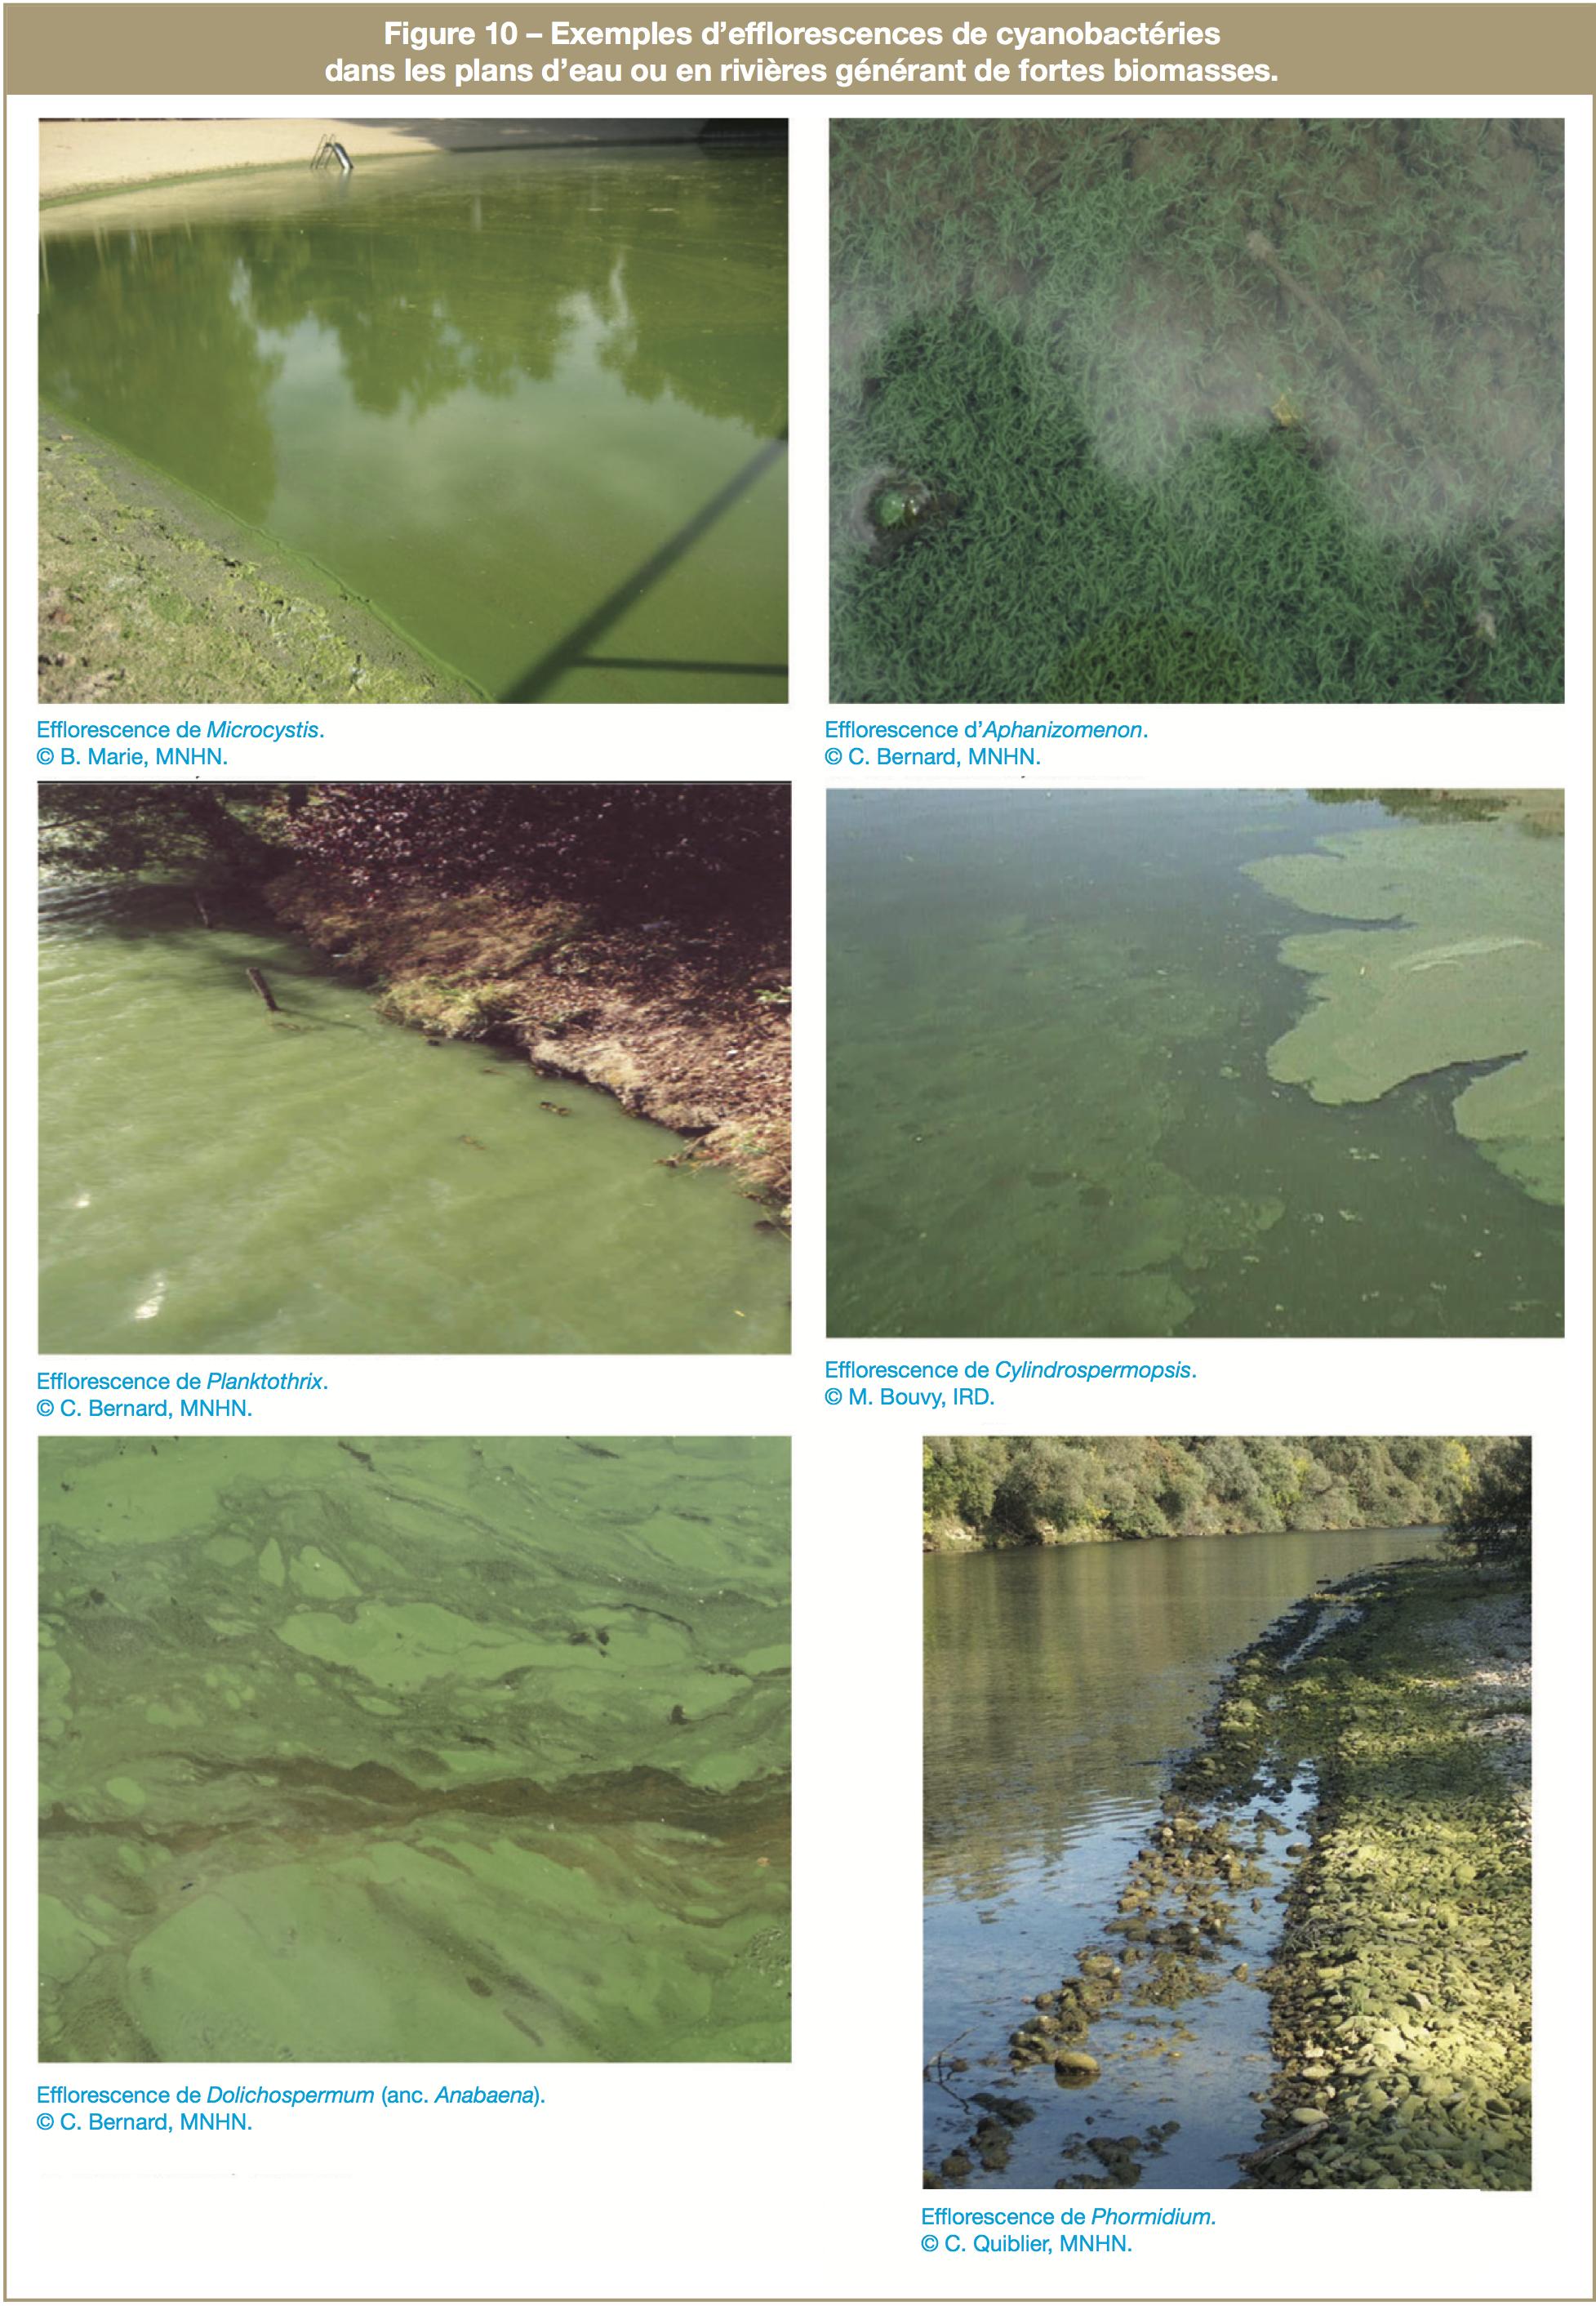 Exemples d'efflorescences de cyanobactéries dans les plans d'eau ou en rivières générant de fortes biomasses.